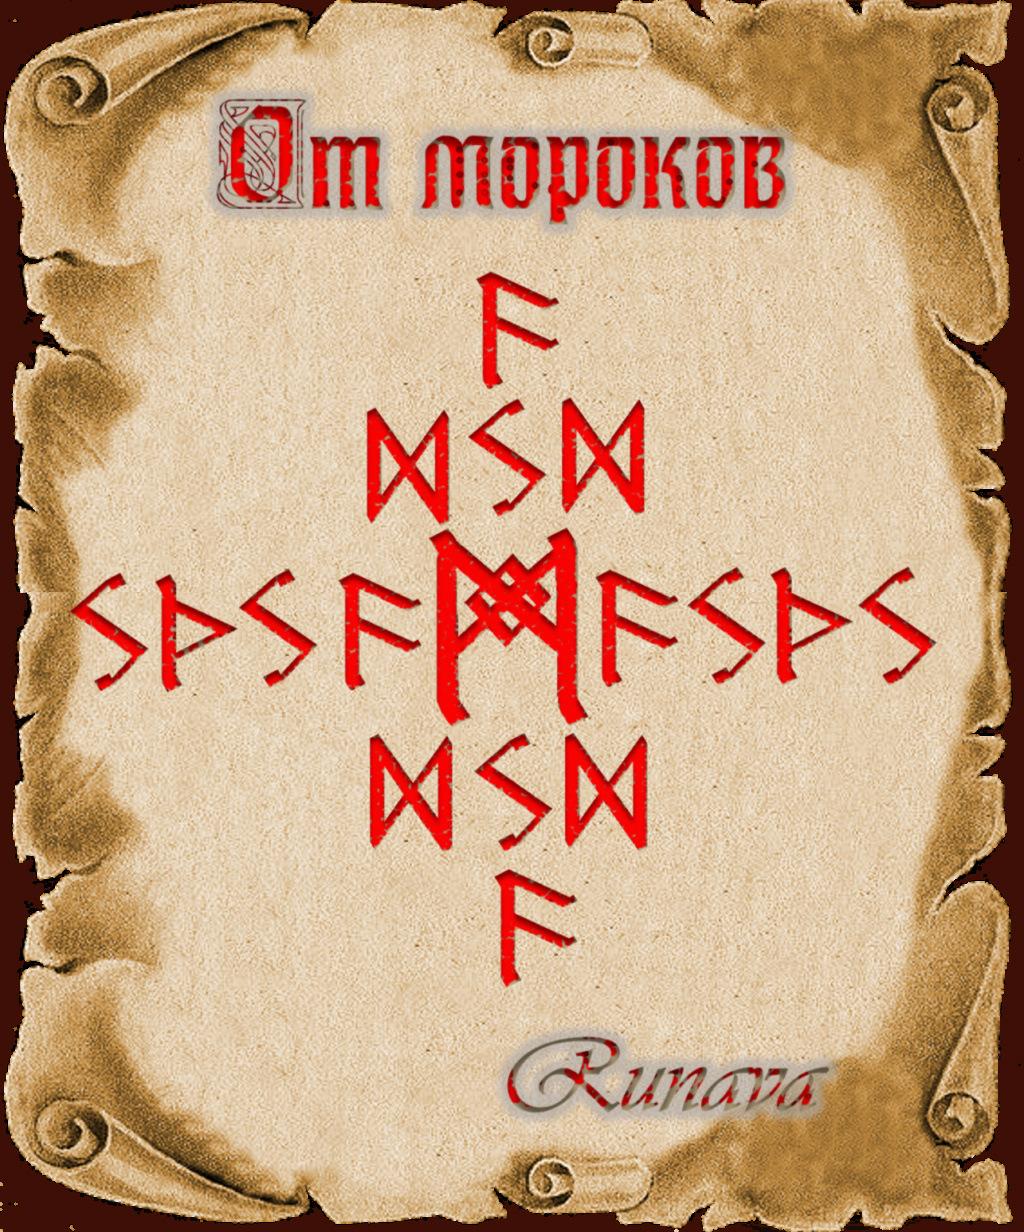 Став от мороков. автор Runava A_a_211